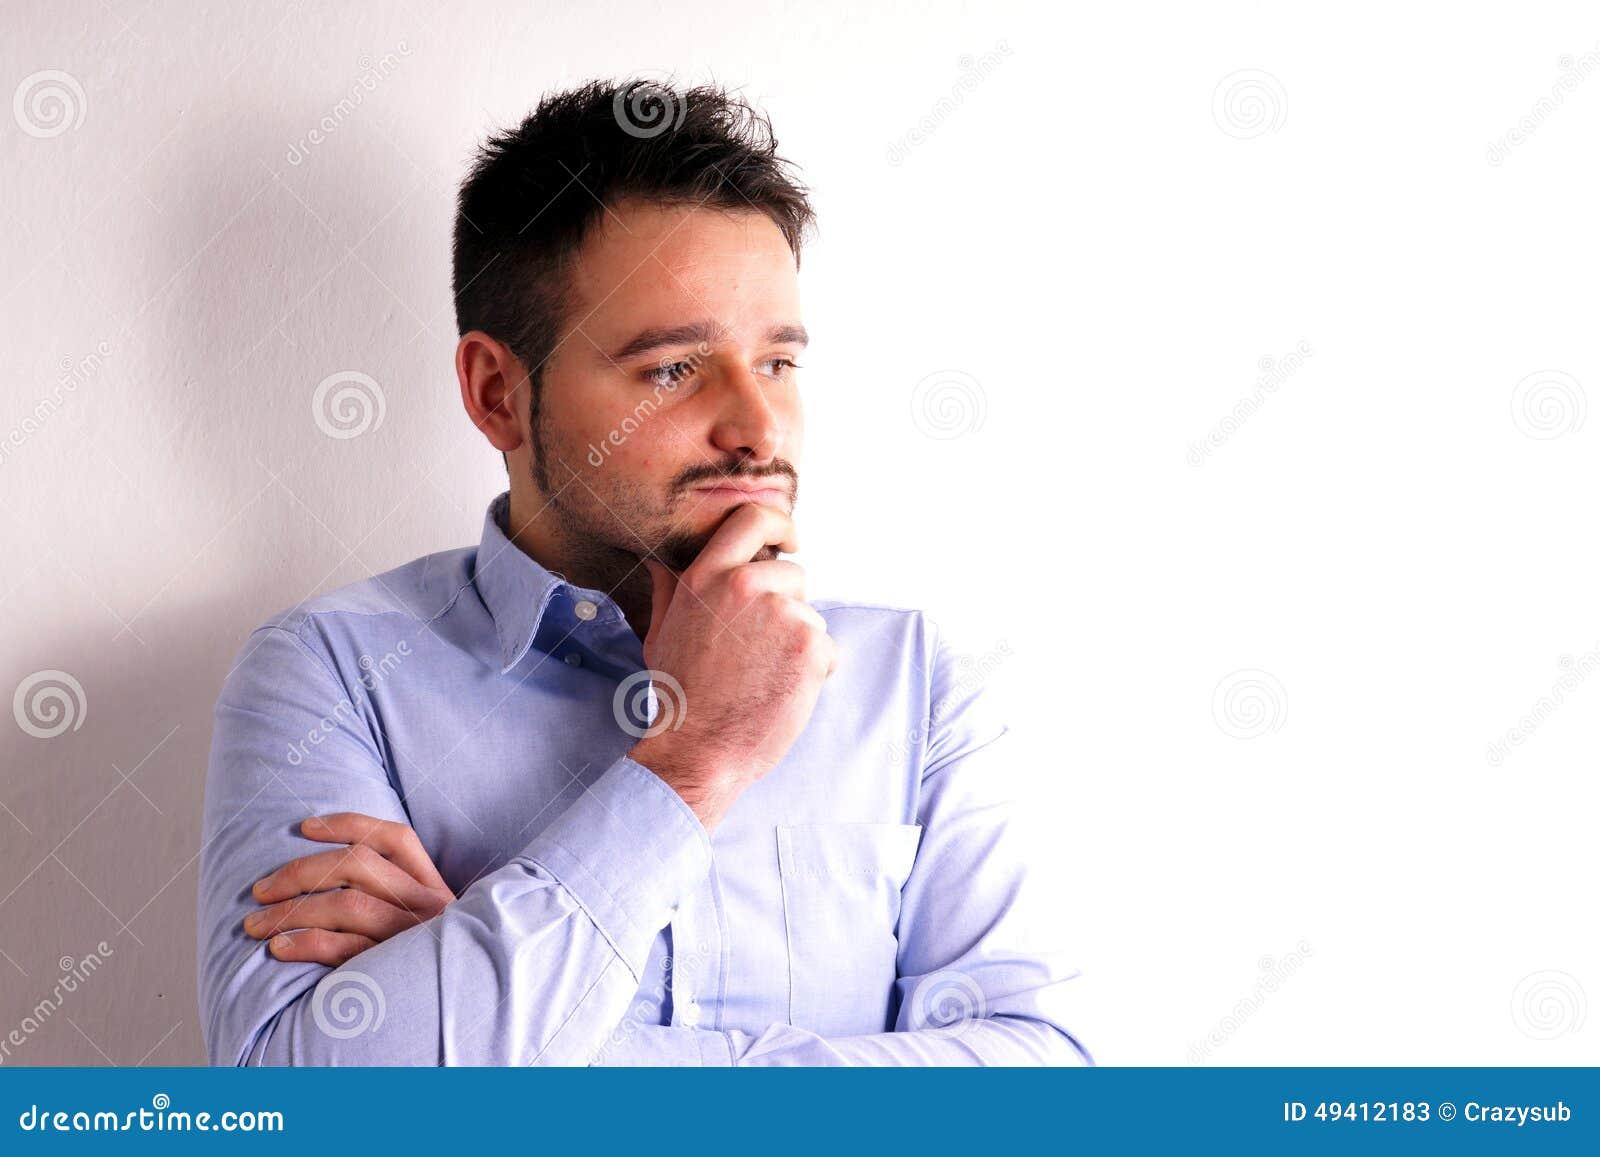 Download Junge mit Hemd stockbild. Bild von aufwerfung, hemd, mann - 49412183